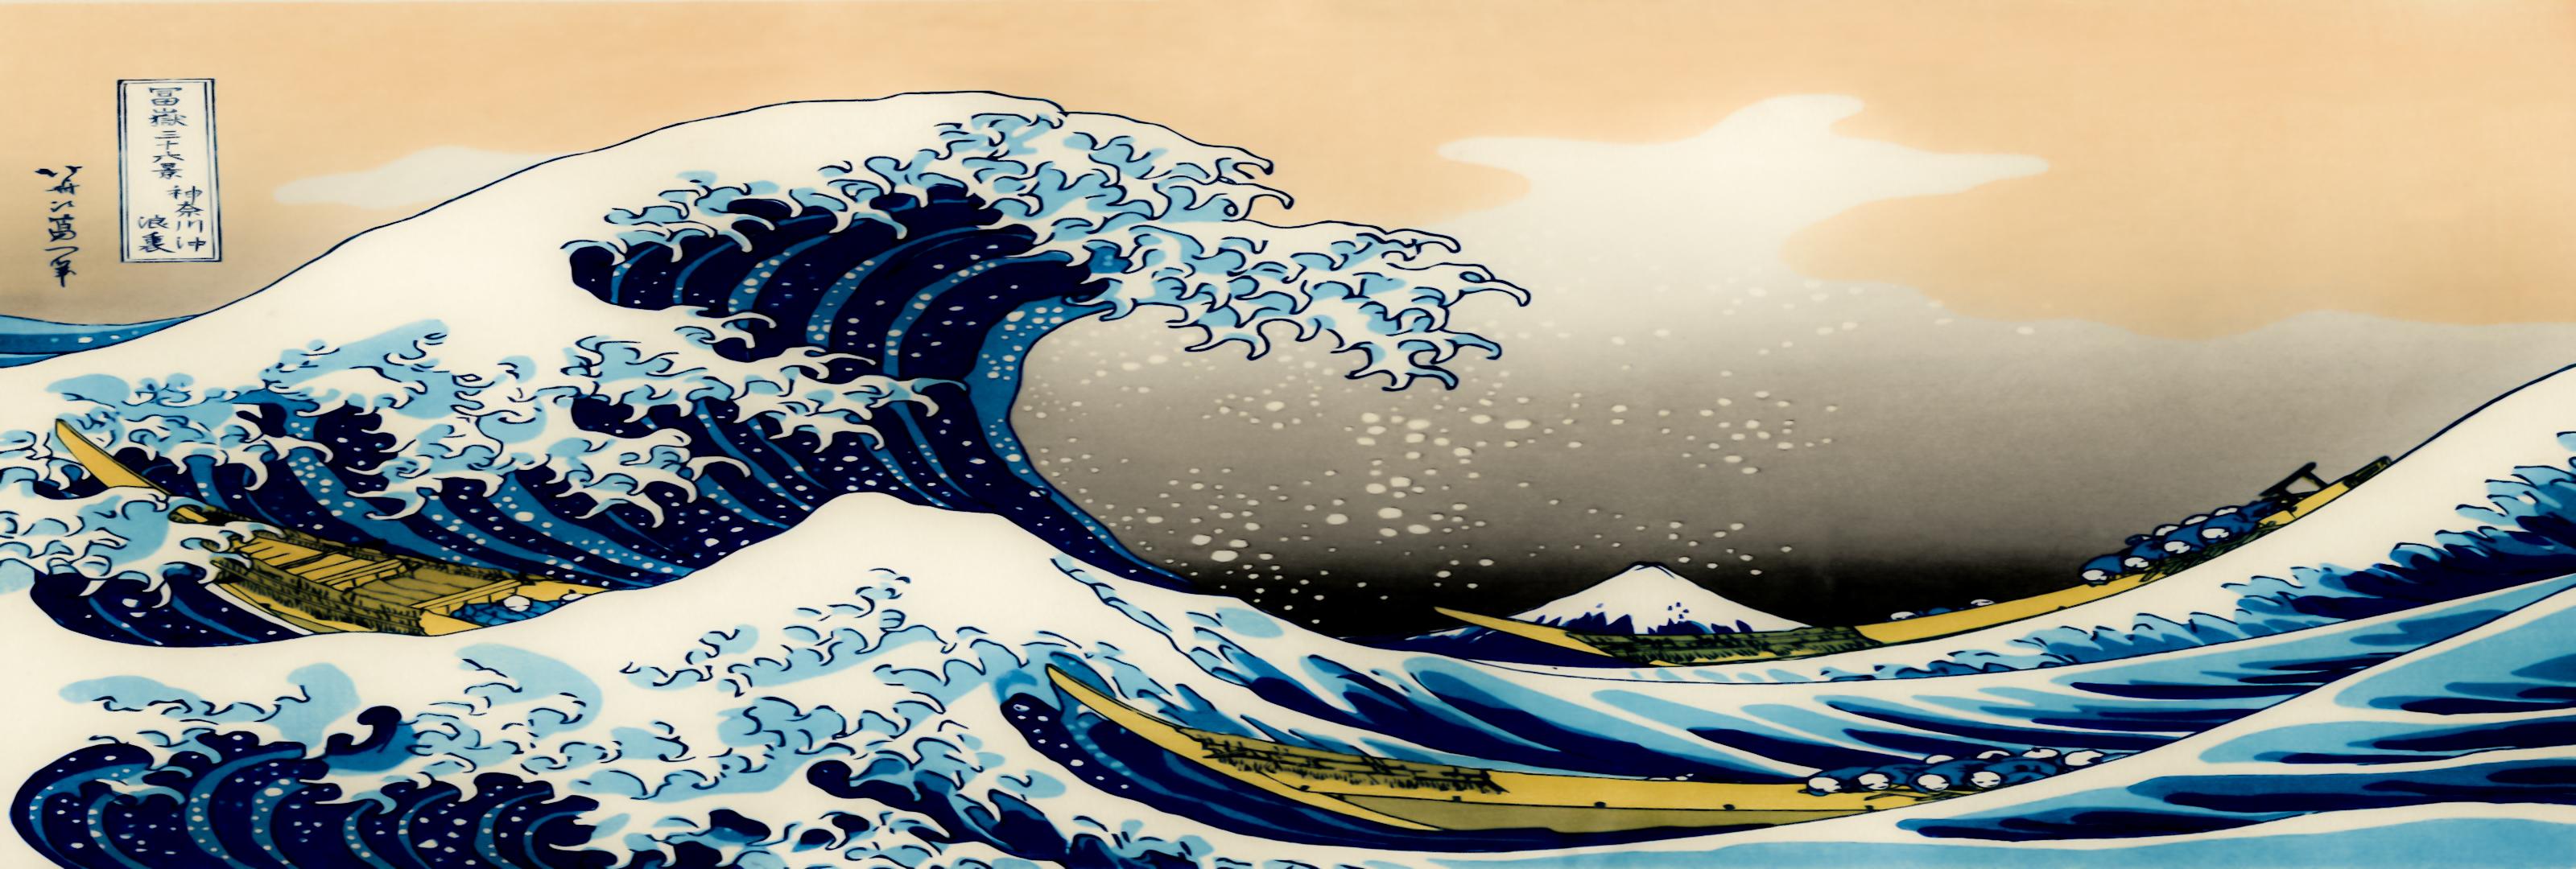 Открытки медвежатами, японские волны рисунок